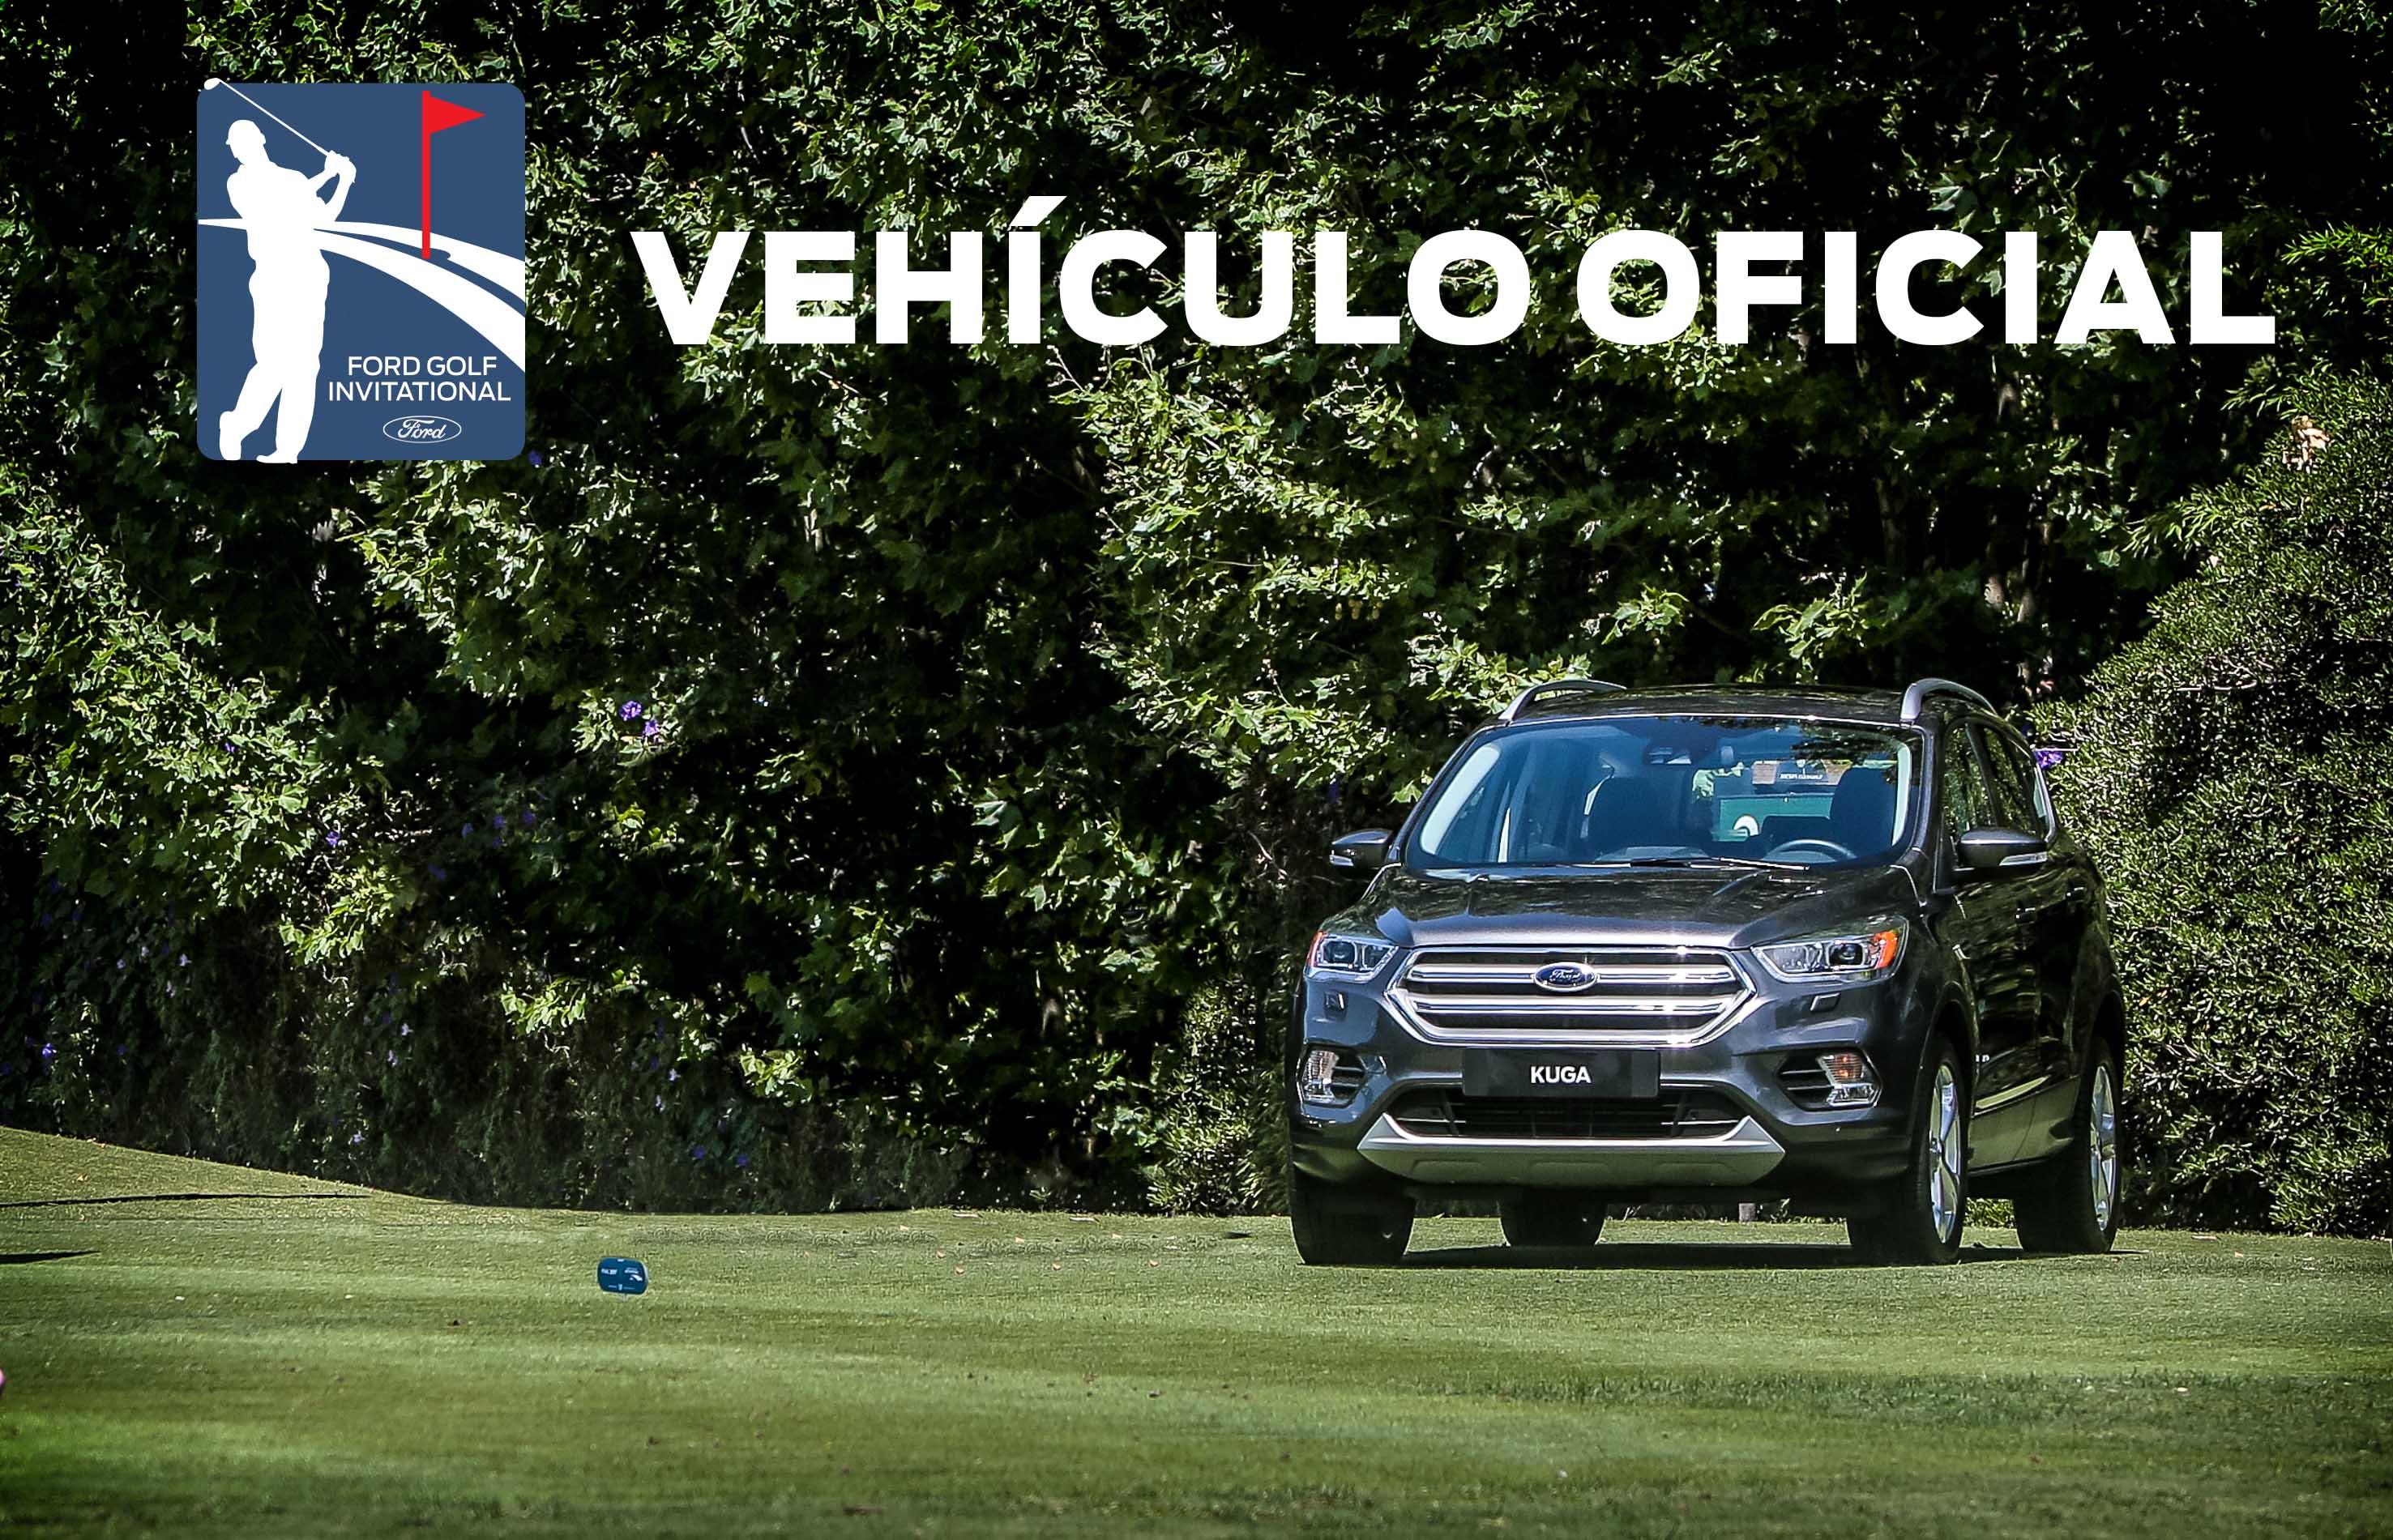 El nuevo KUGA es el Vehículo Oficial del Ford Golf Invitational